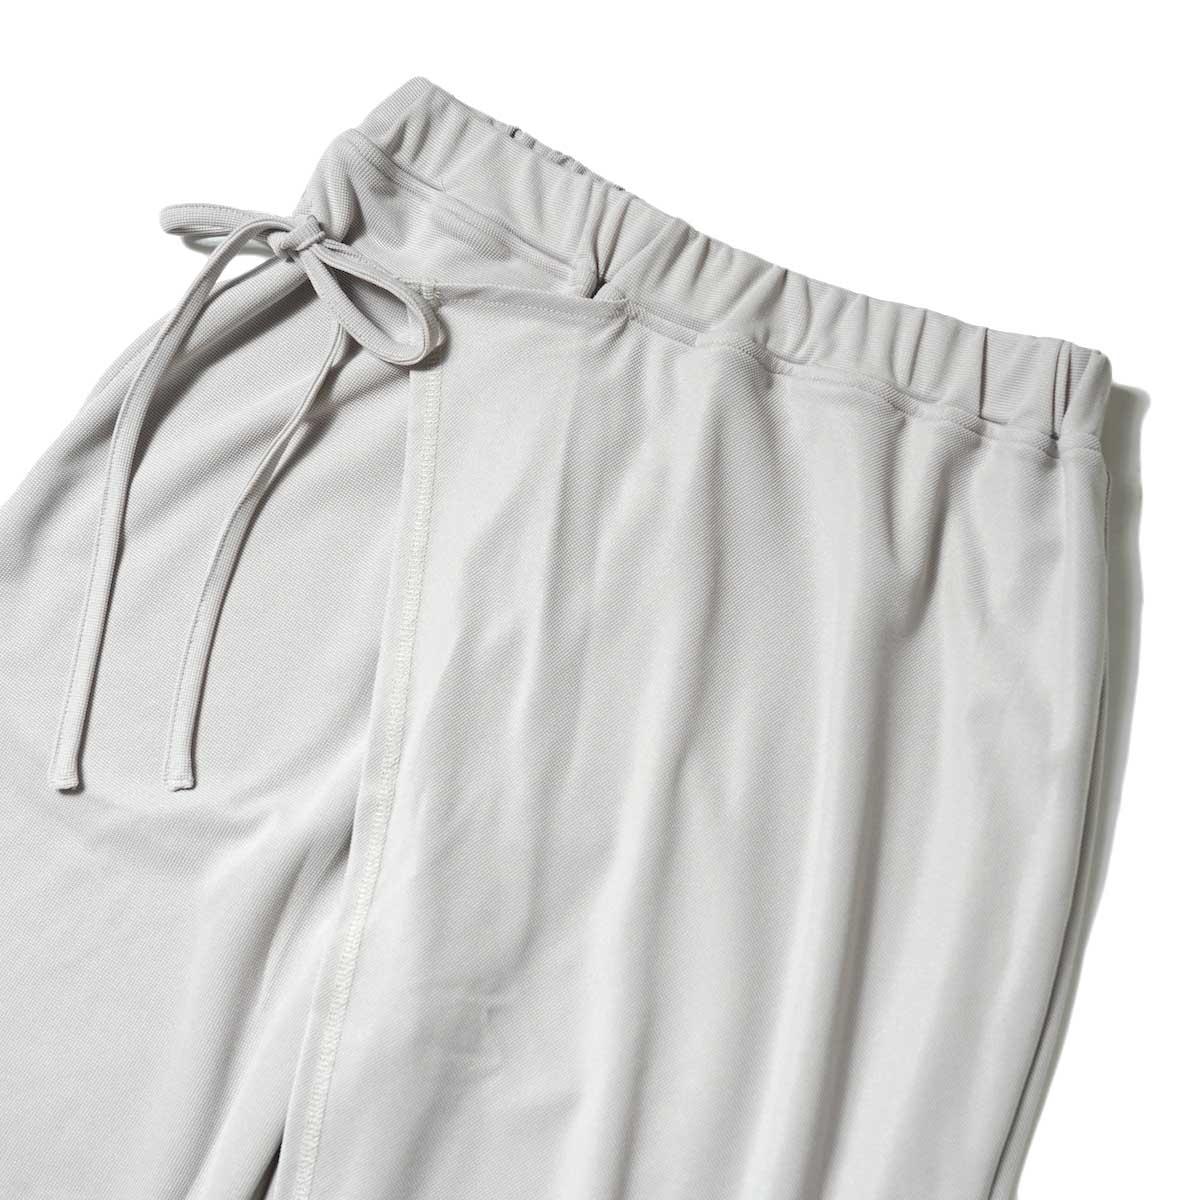 KHA:KI / SIDE WRAP PANTS (Grayge) ウエスト